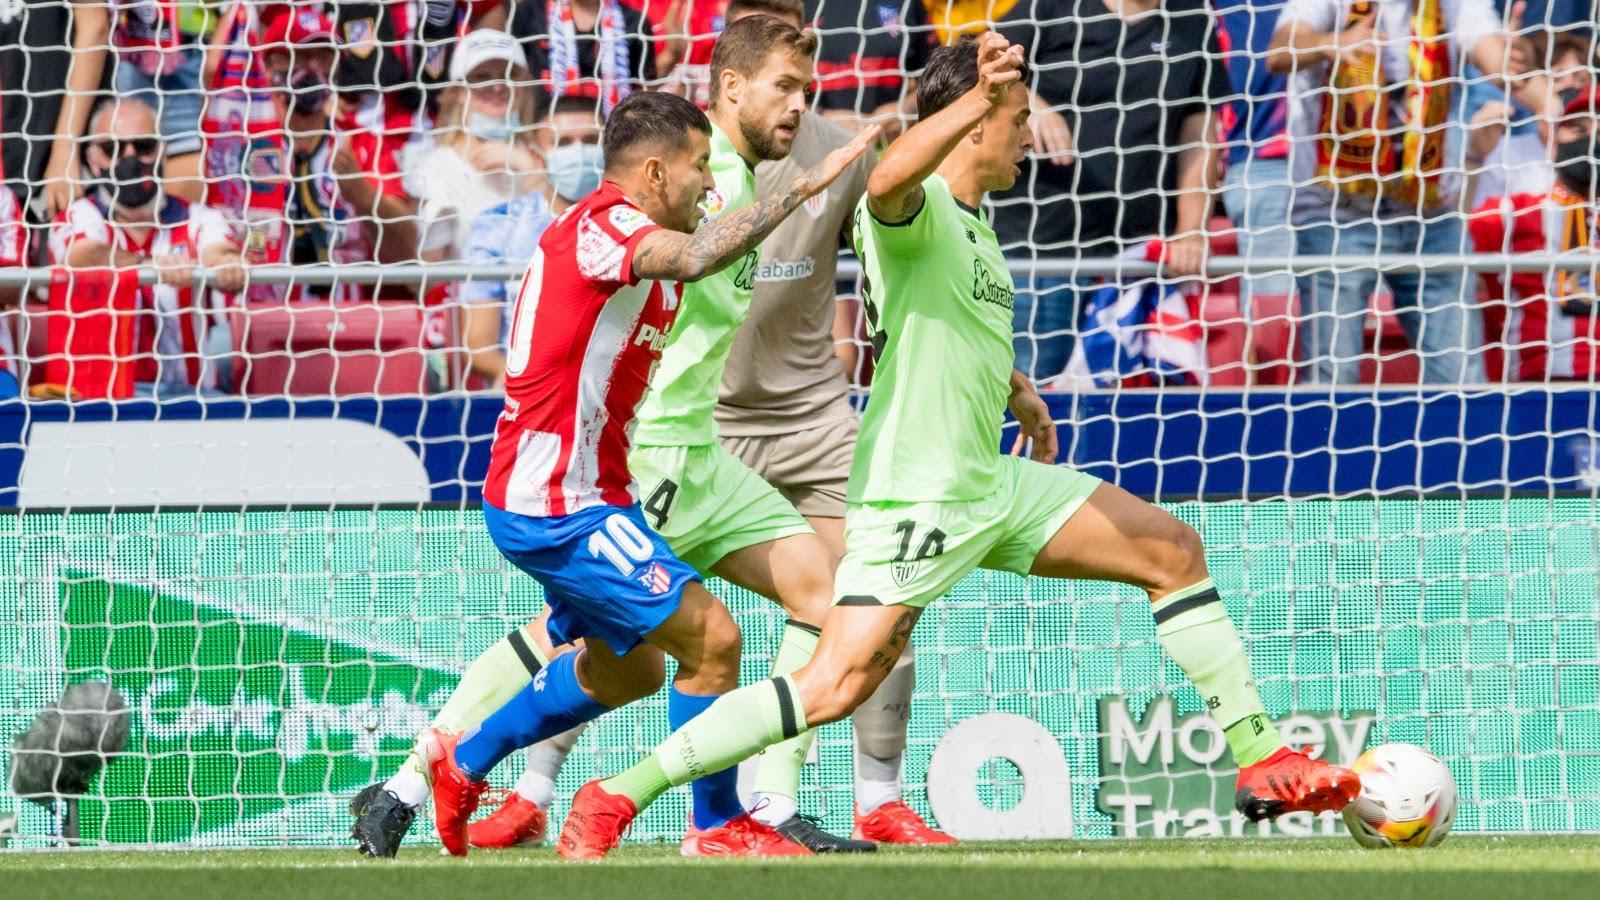 Nhận định soi kèo Athletic Bilbao vs Rayo Vallecano, 03h00 ngày 22/9